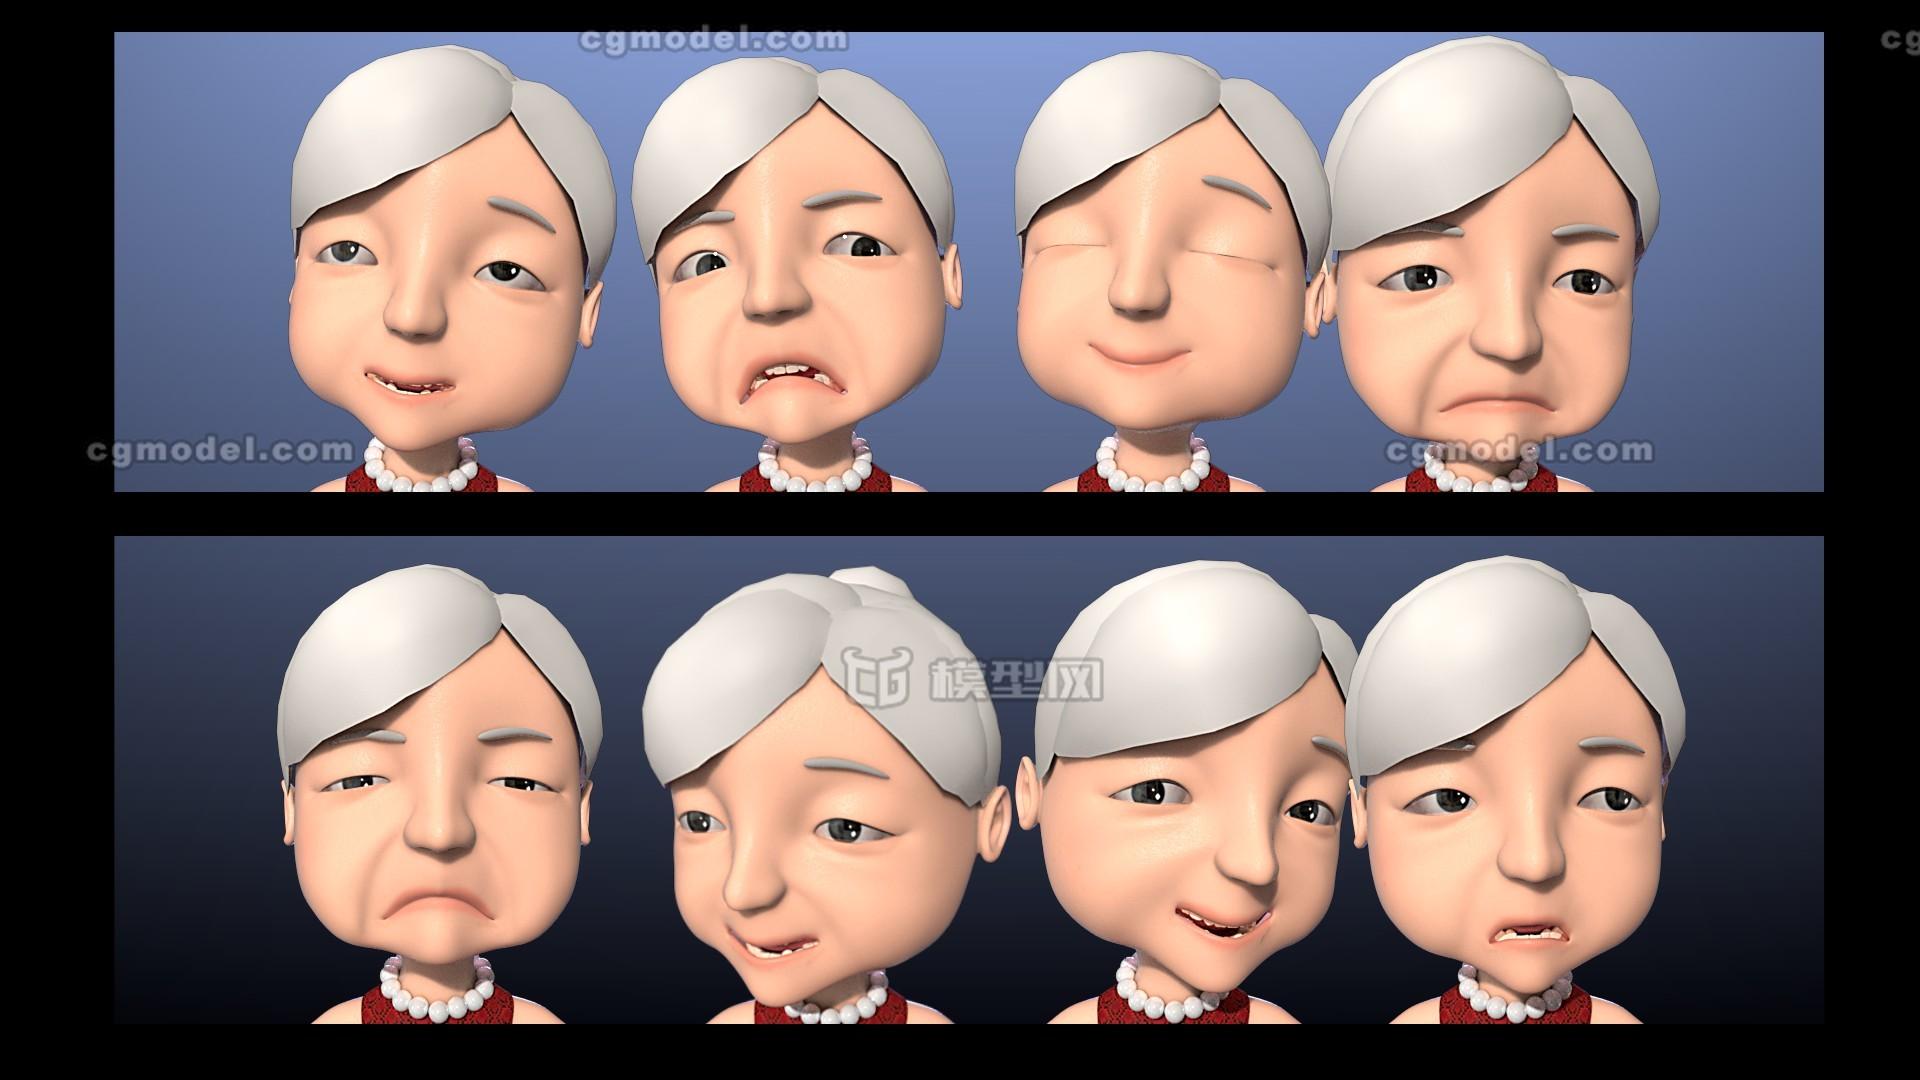 maya老奶奶,卡通角色,老奶奶,中年妇女,老年人,慈祥,白头发,裙子,妈妈